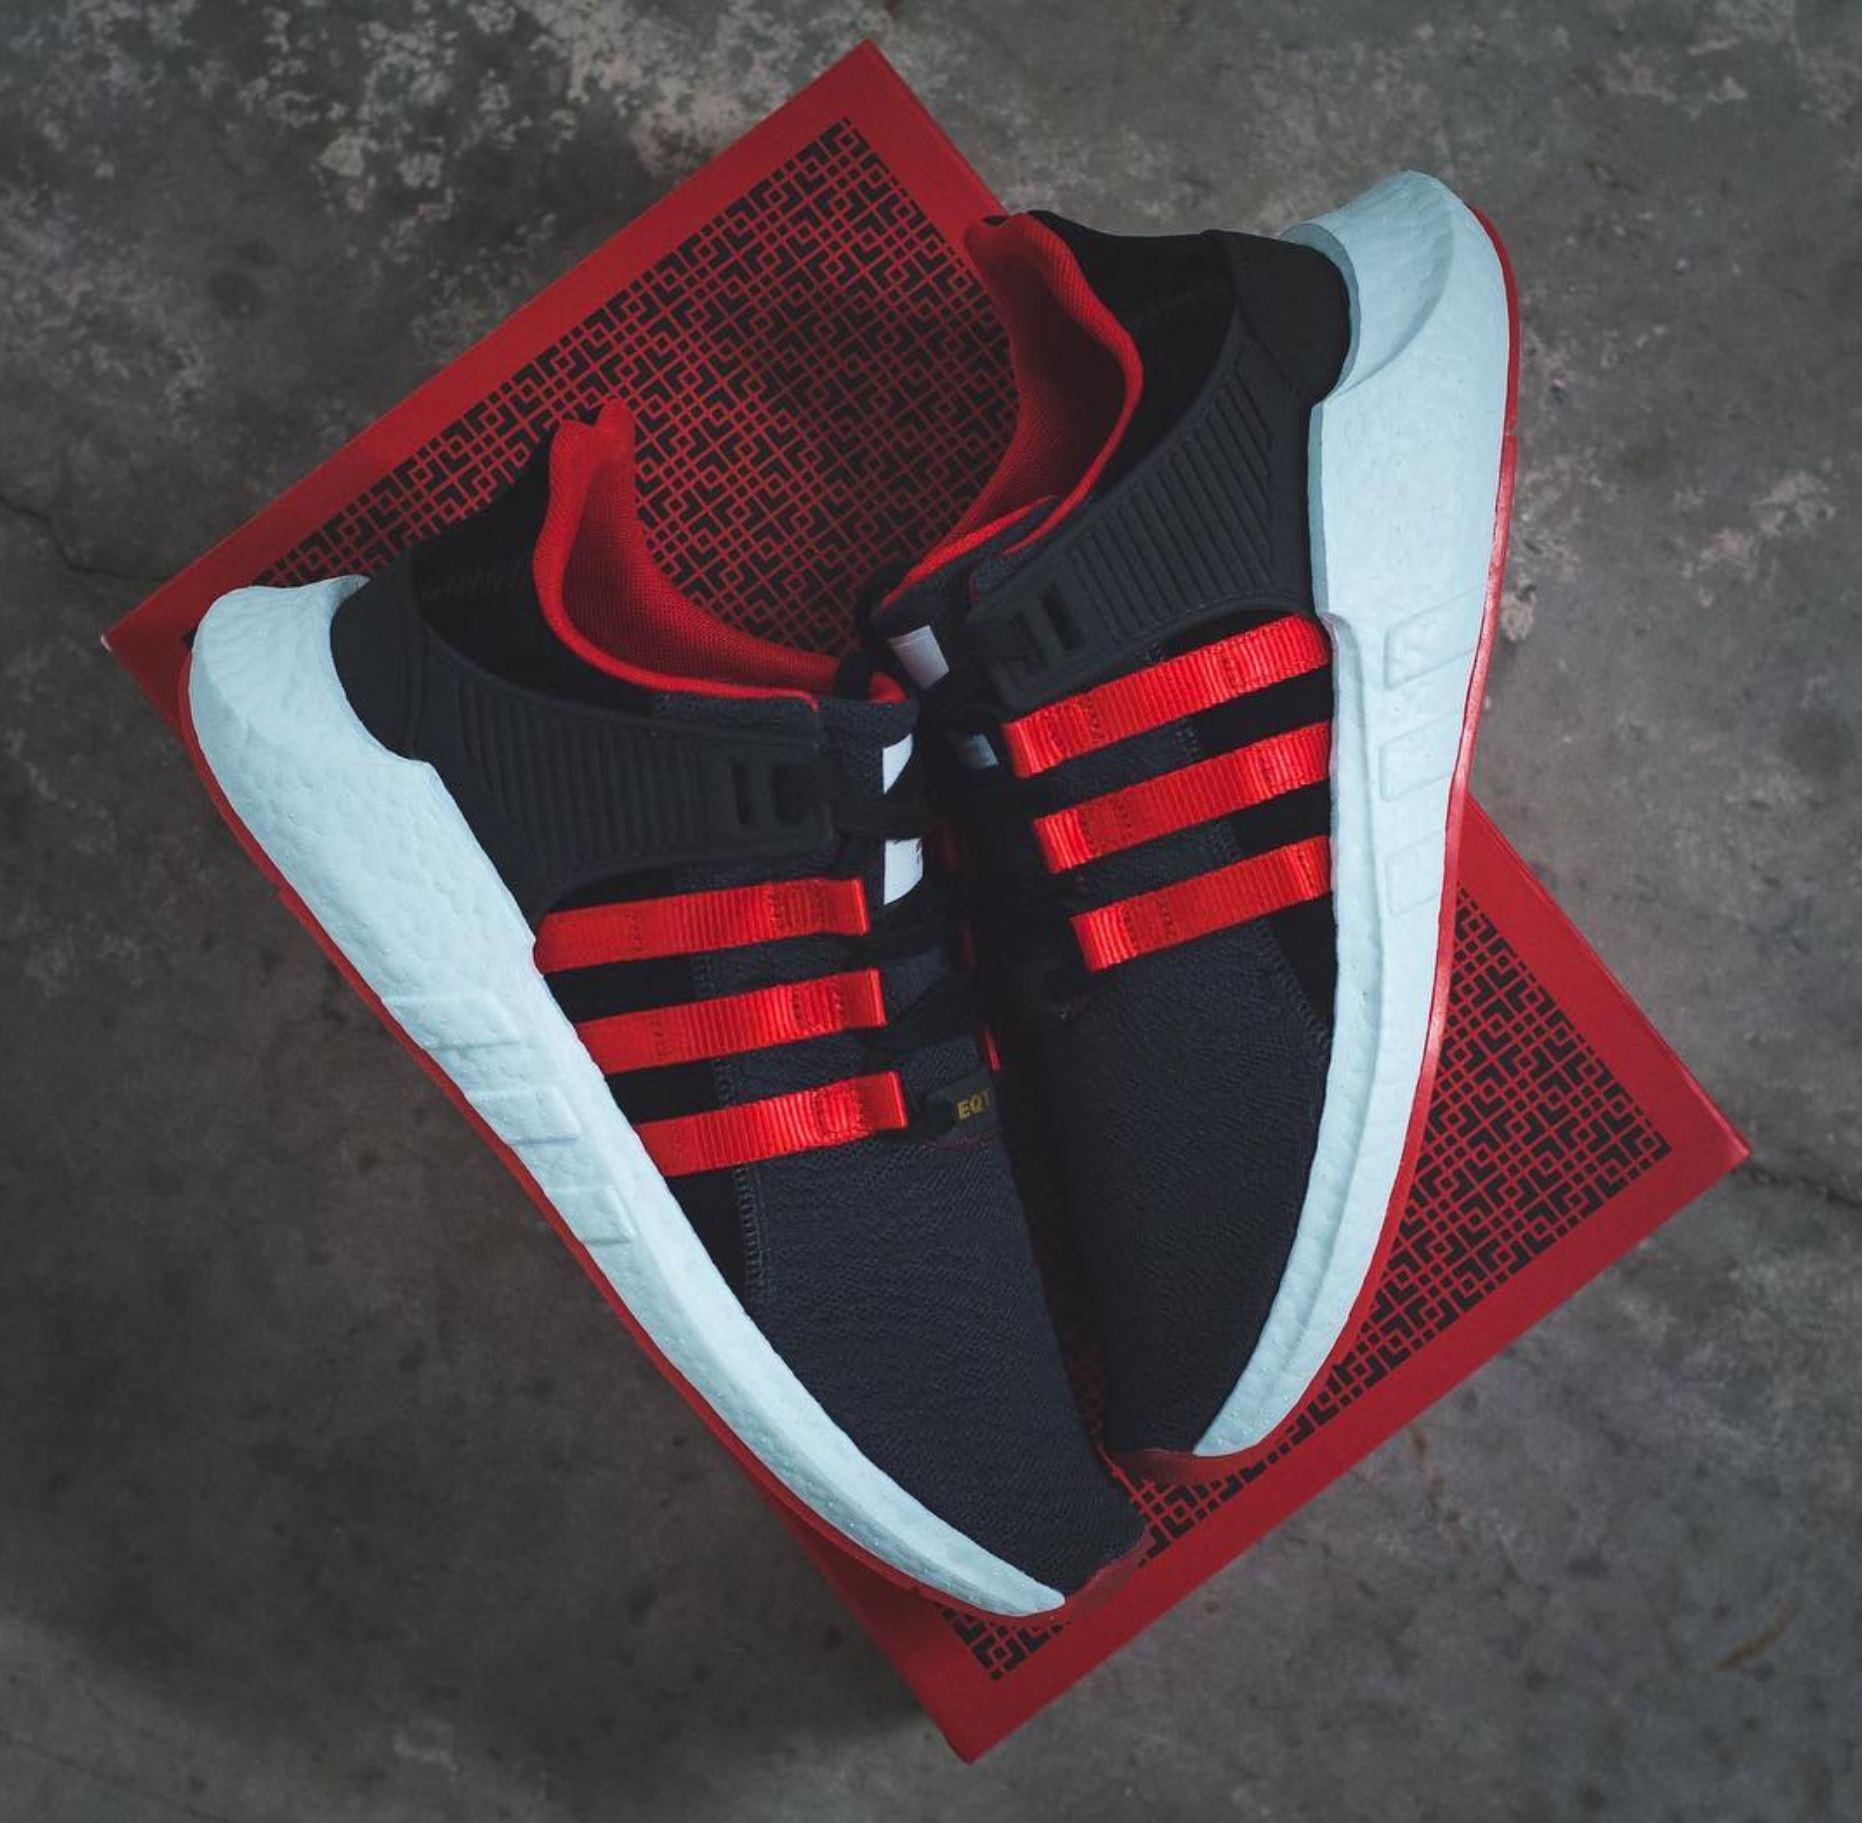 Adidas eqt sostegno 93 17 cny weartesters